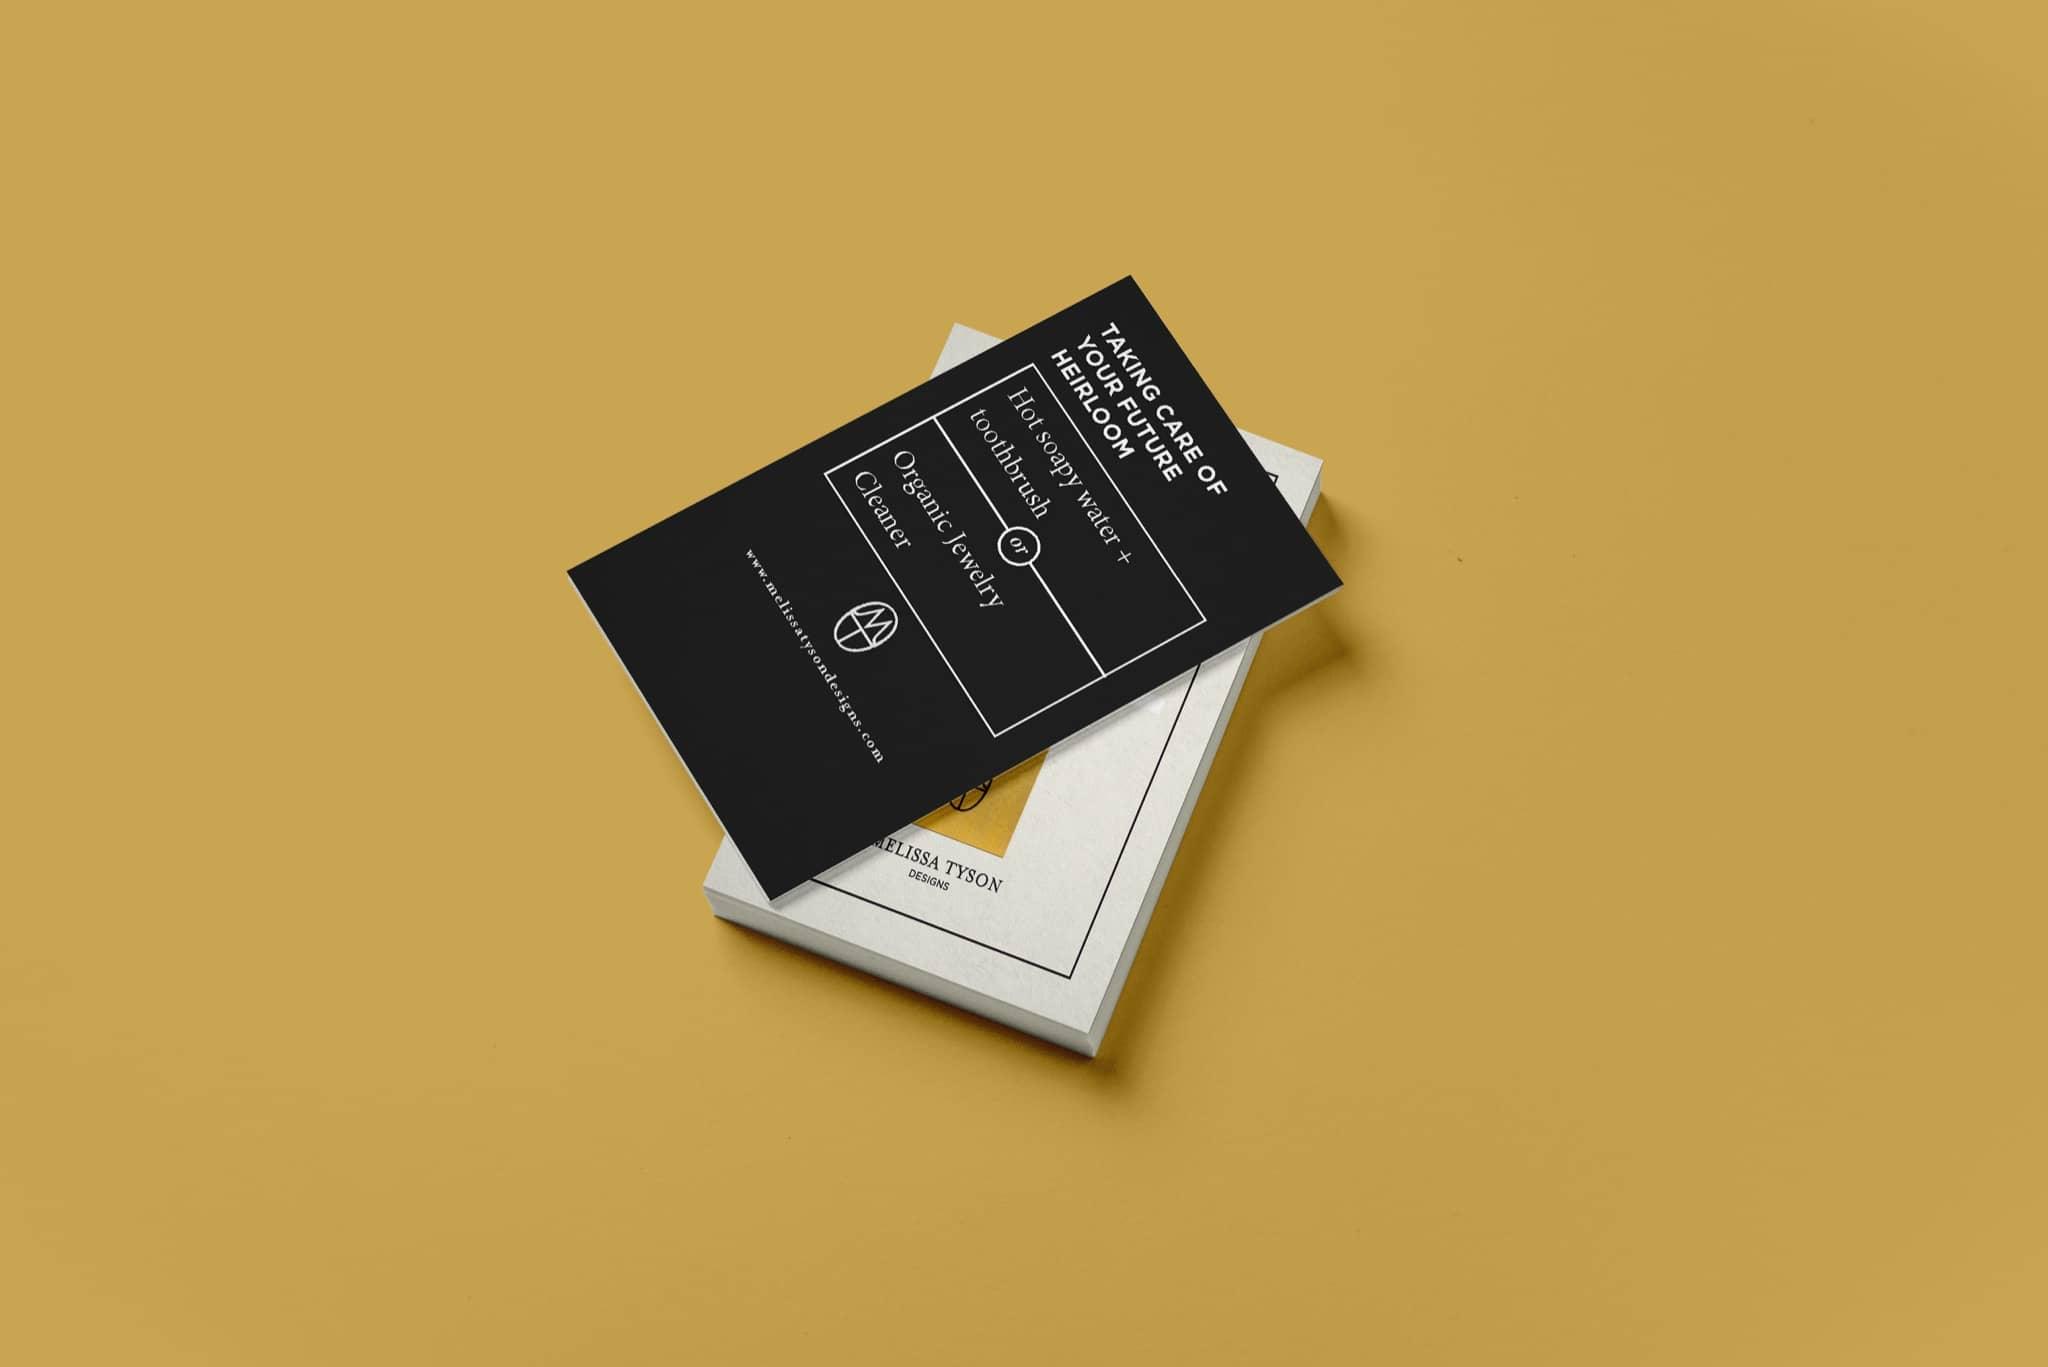 Melissa Tyson - graphic design by Brand Engine